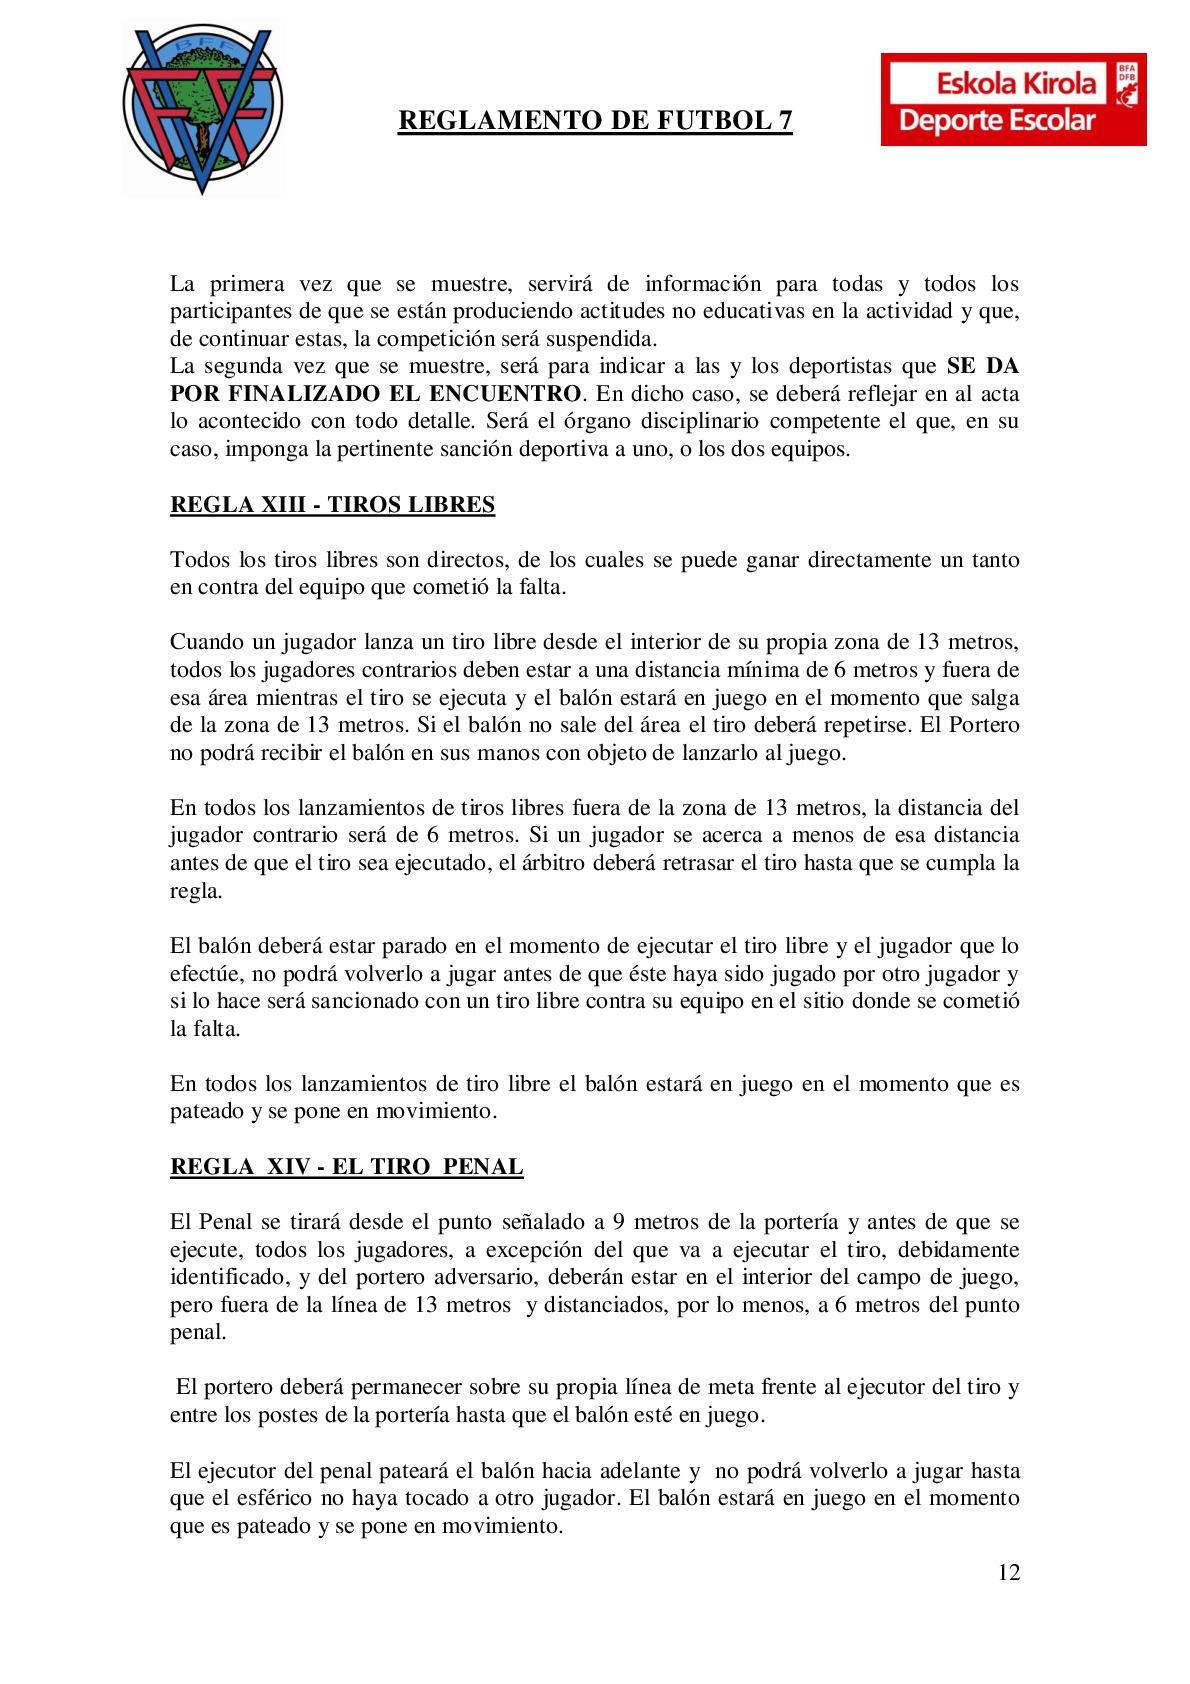 Reglamento-F7-012